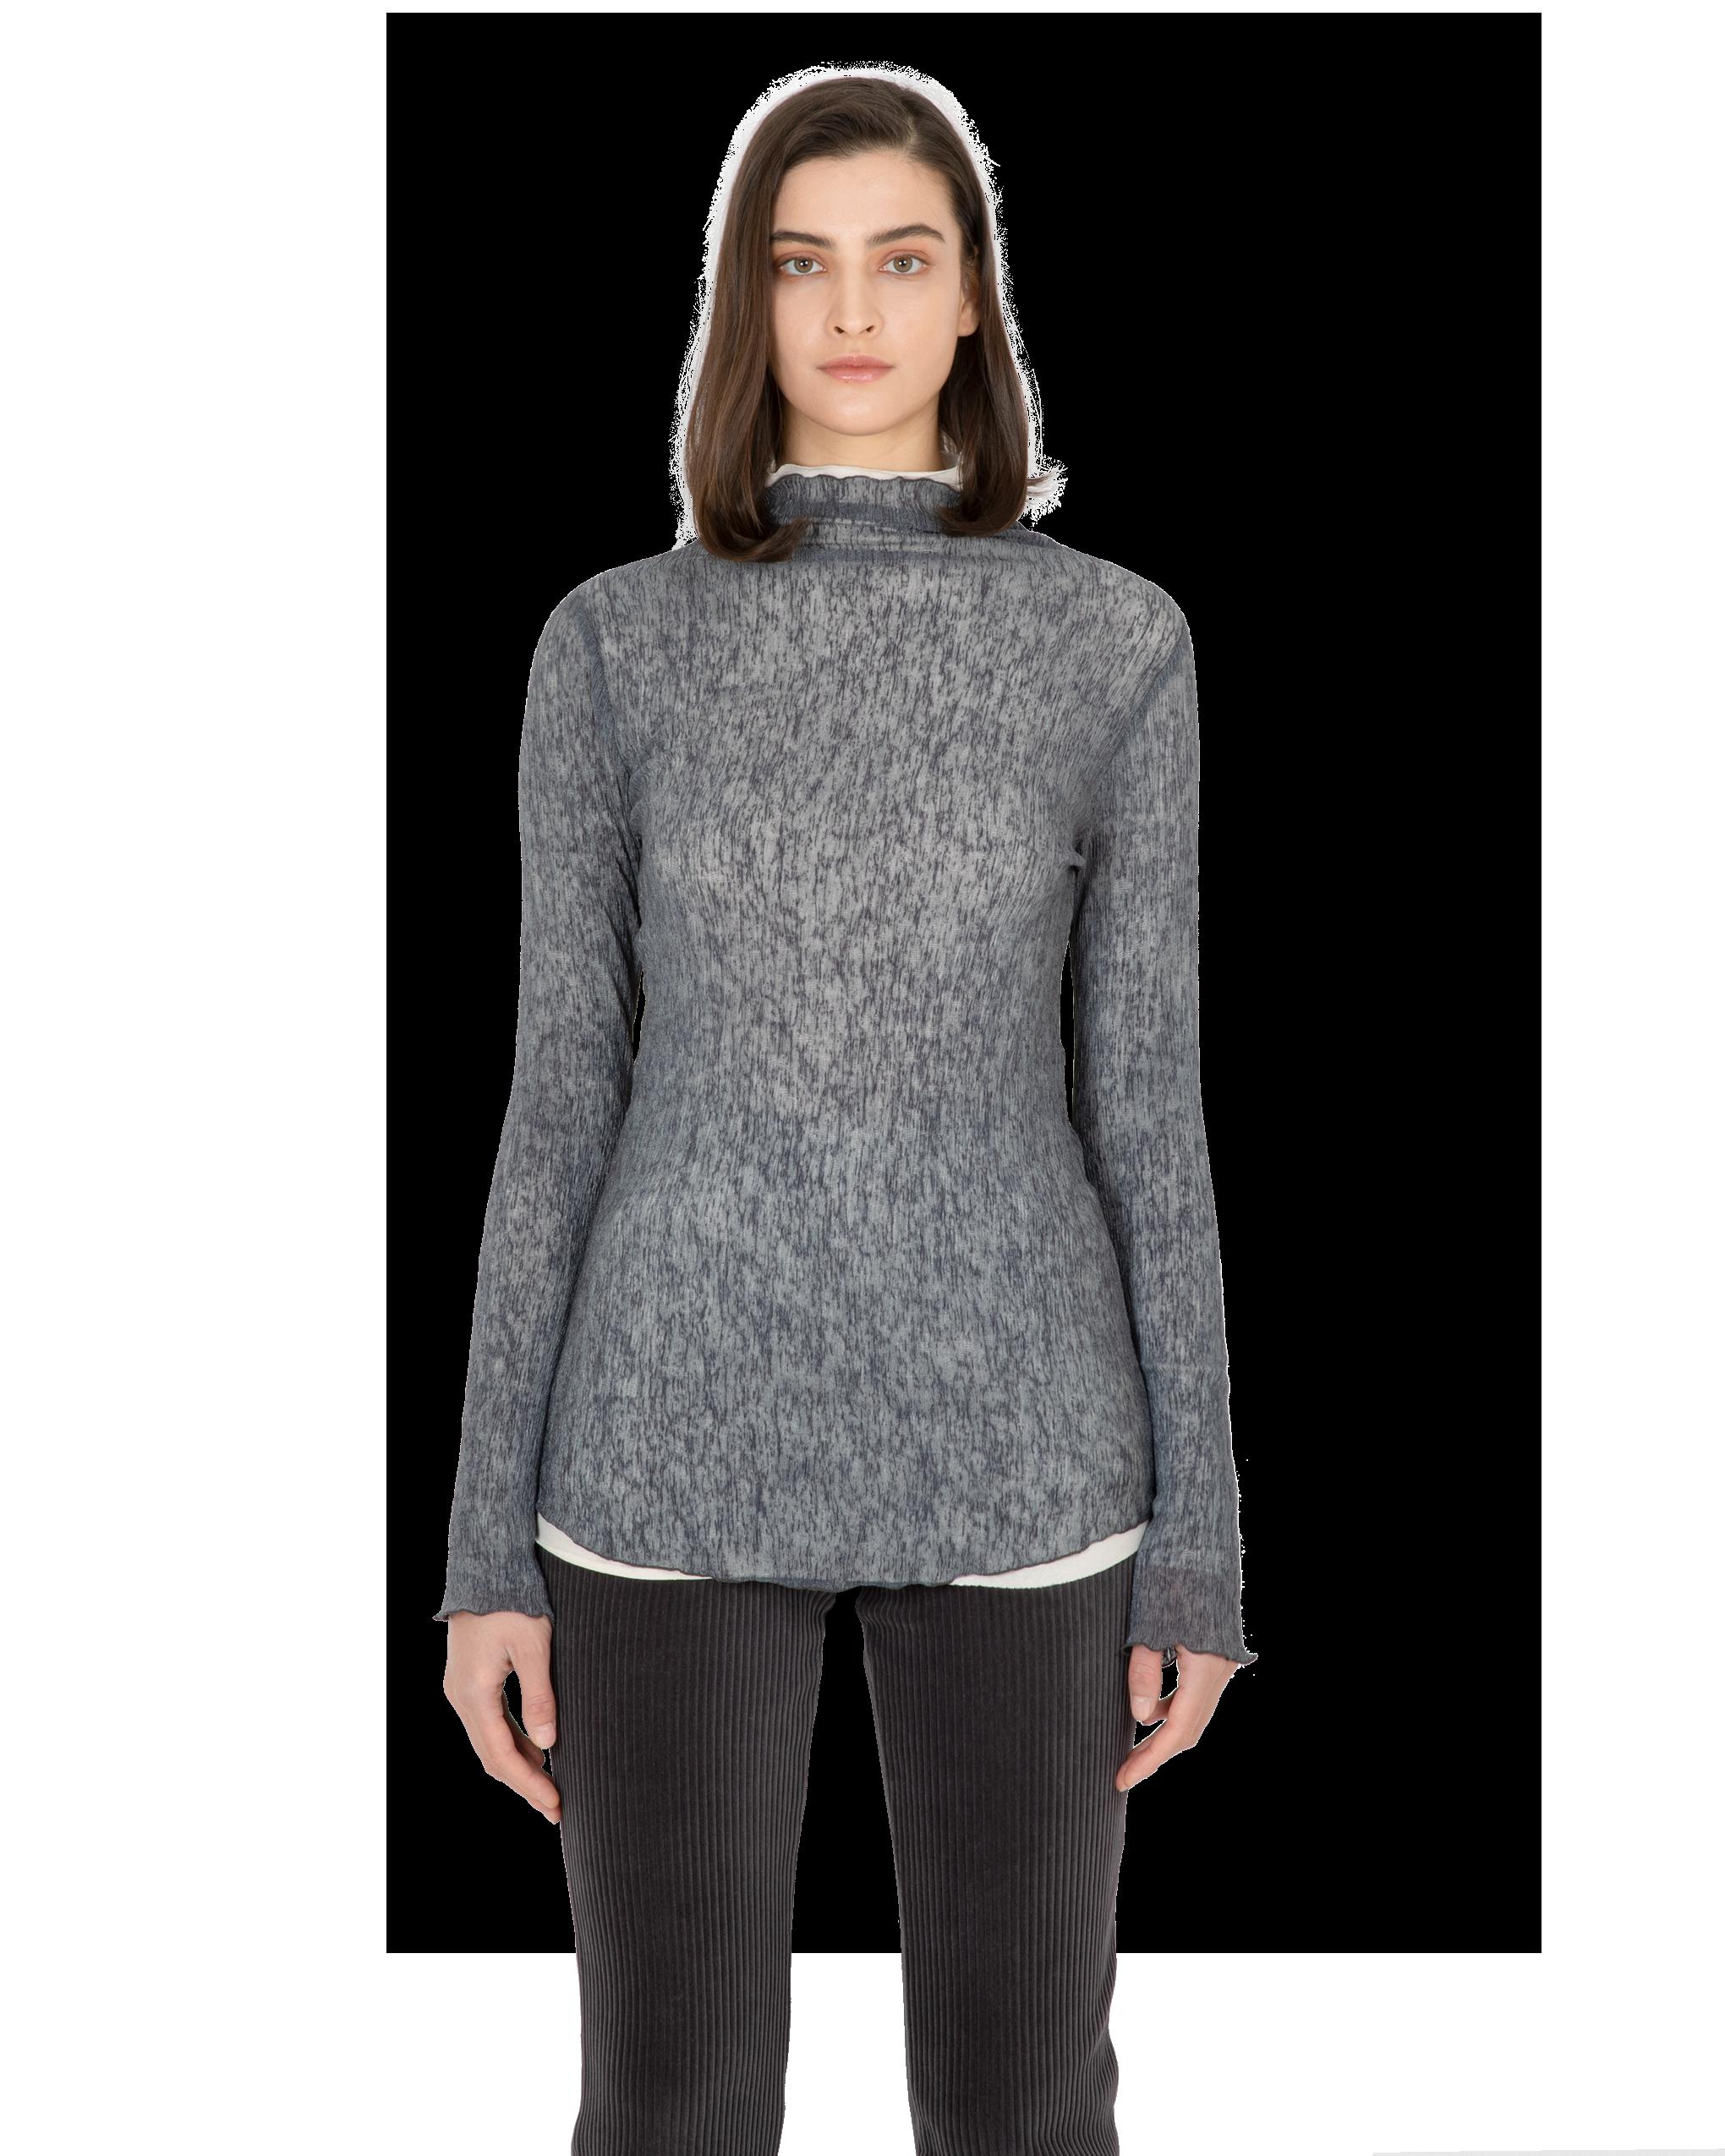 Model wearing EMIN + PAUL charcoal lettuce edge blouse.